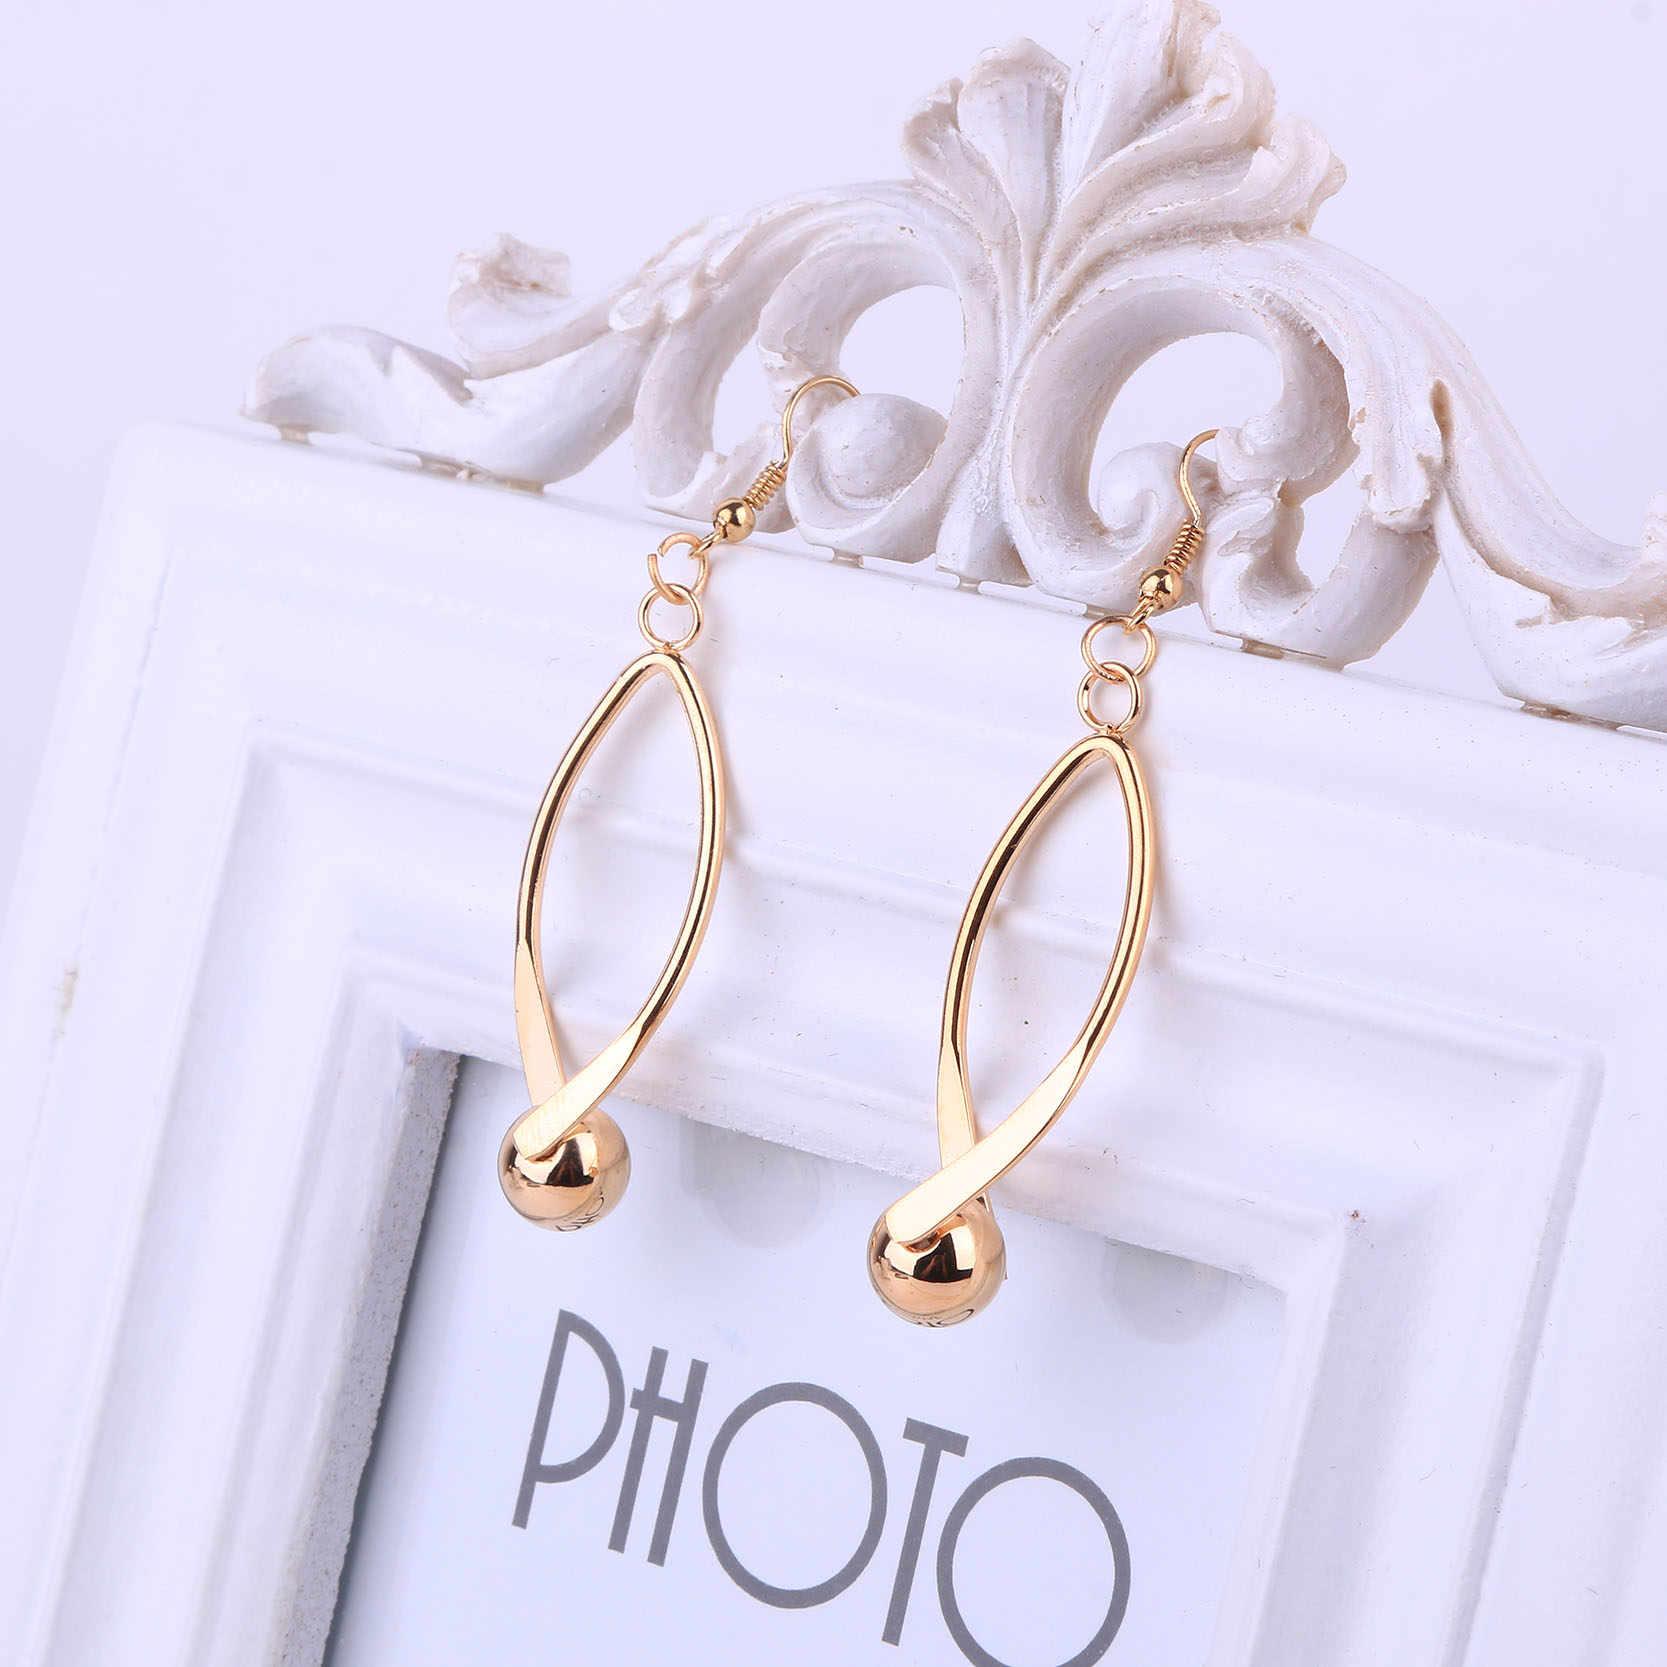 ดูไบ Gold สีเครื่องประดับ Hollow Out Shaped Choker สร้อยคอต่างหูชุดสำหรับผู้หญิง